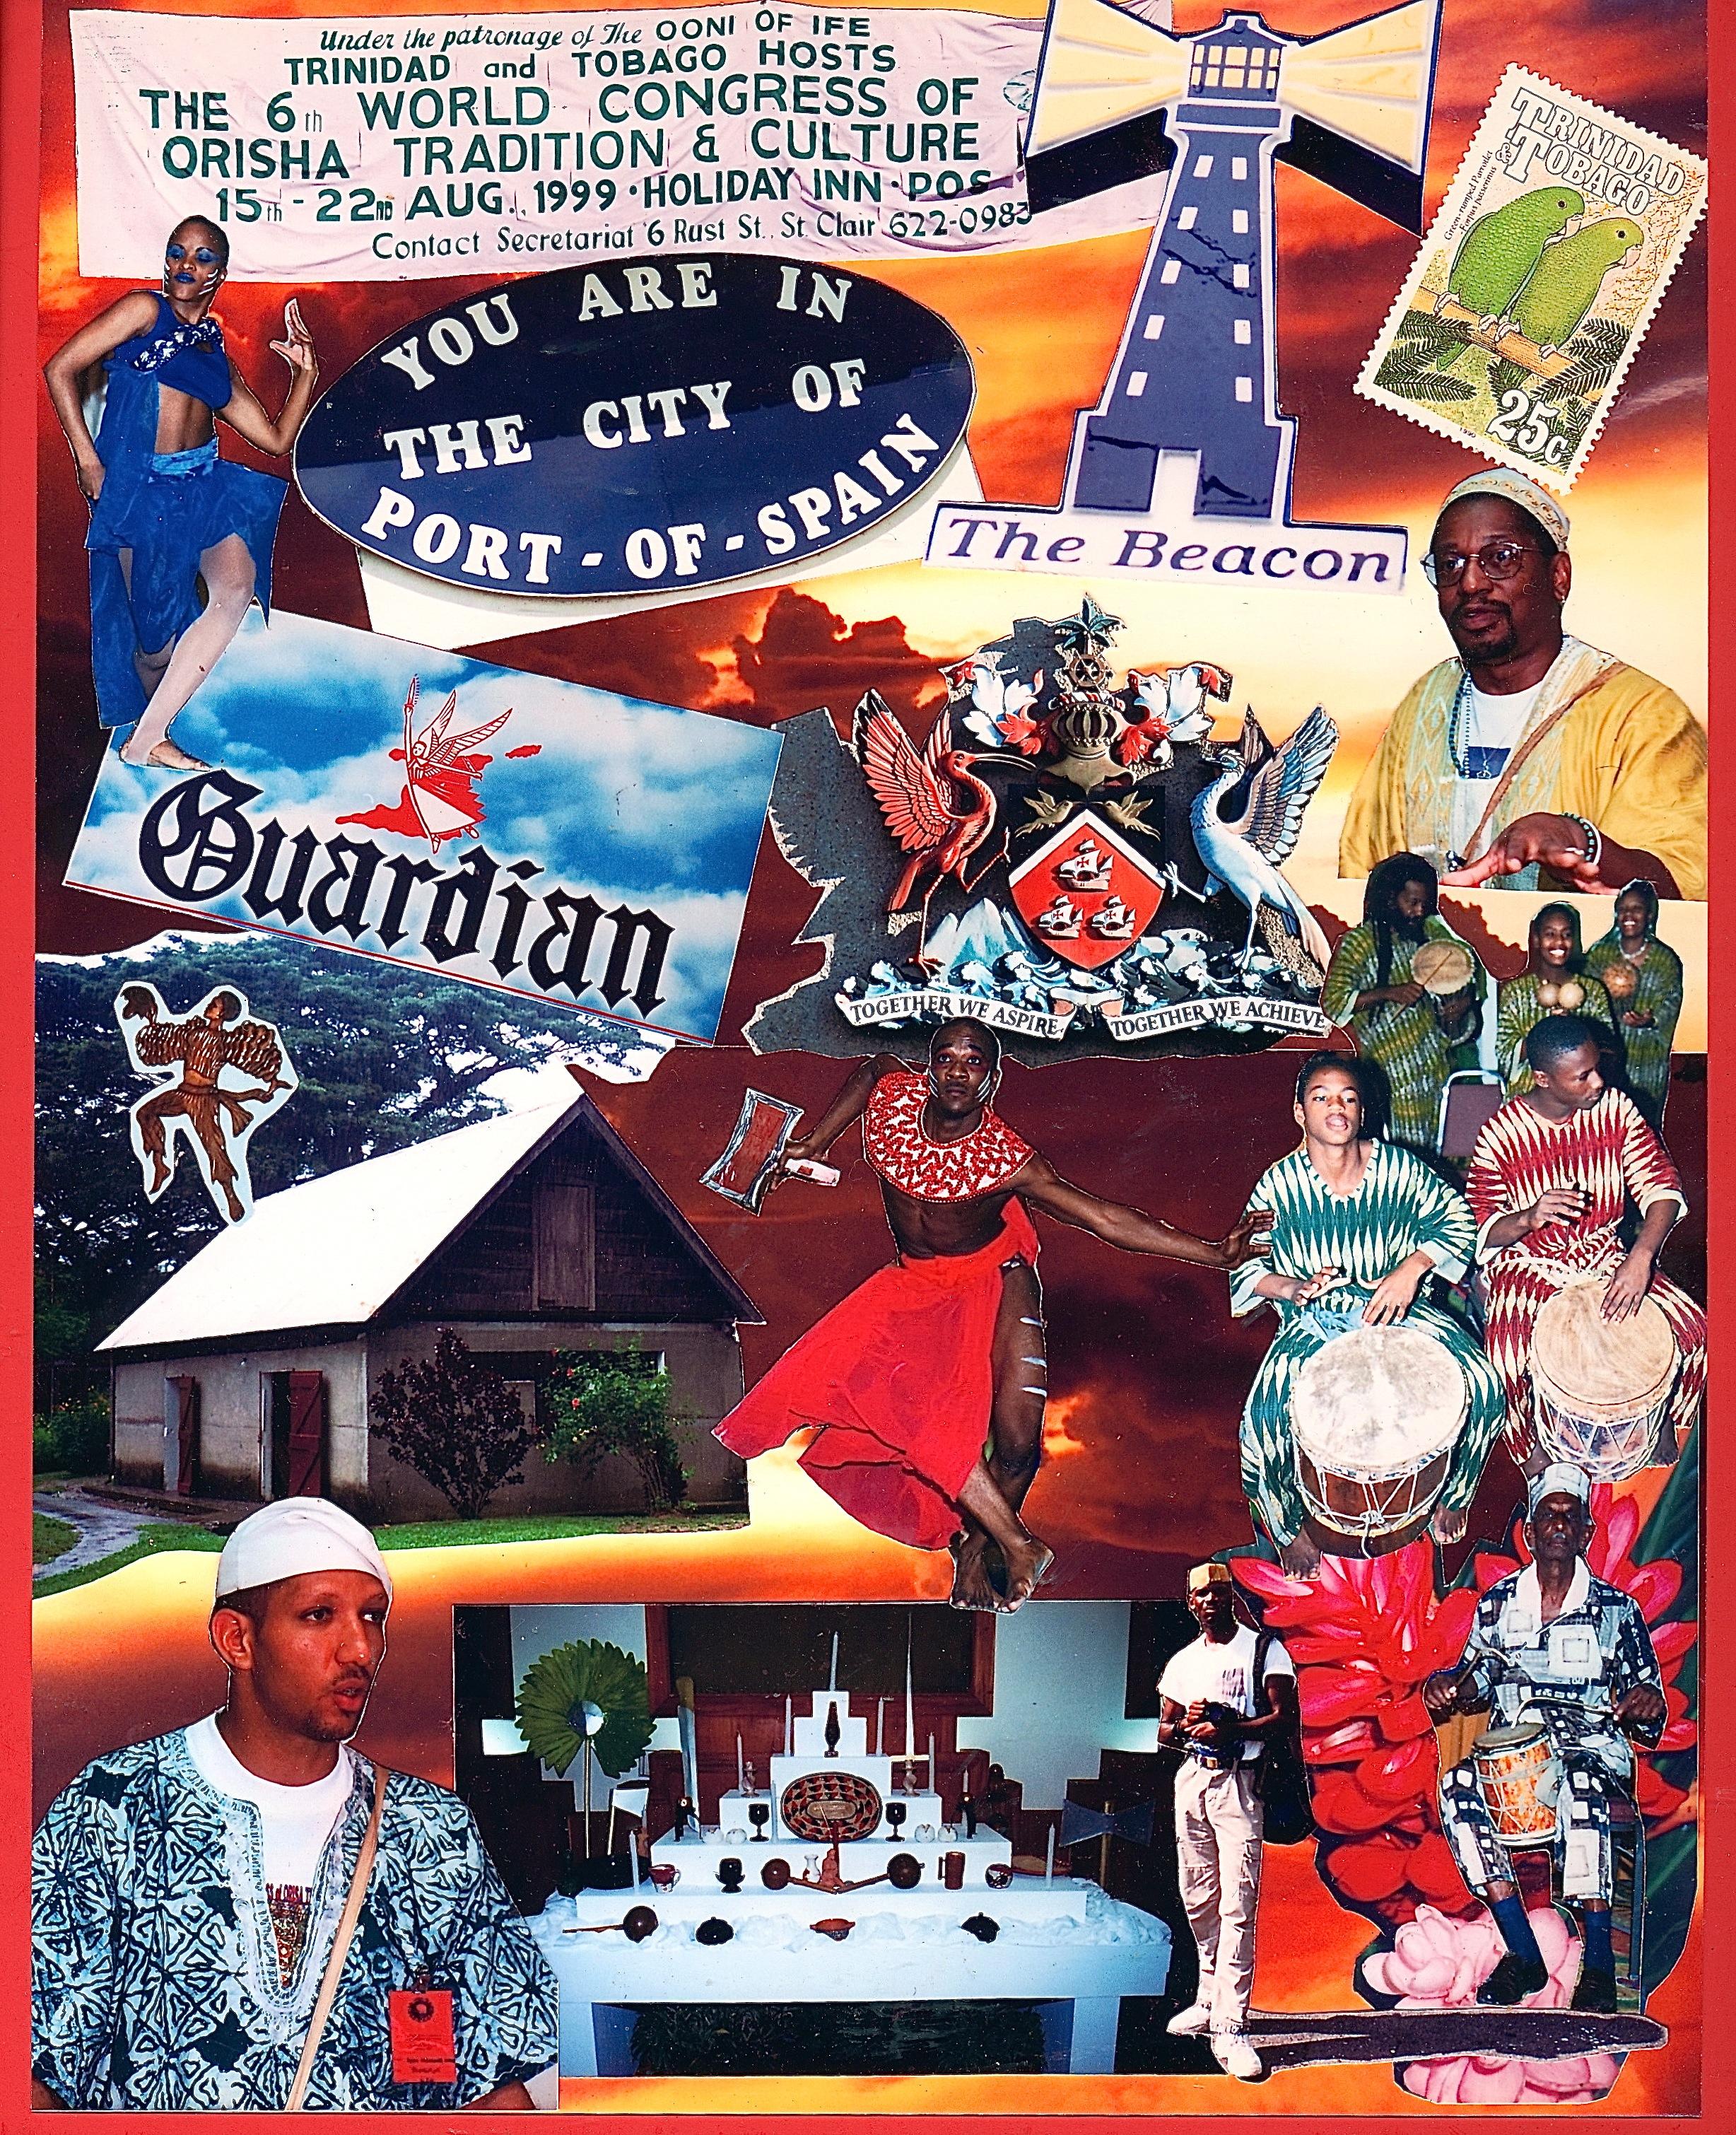 TRINIDAD (1999)